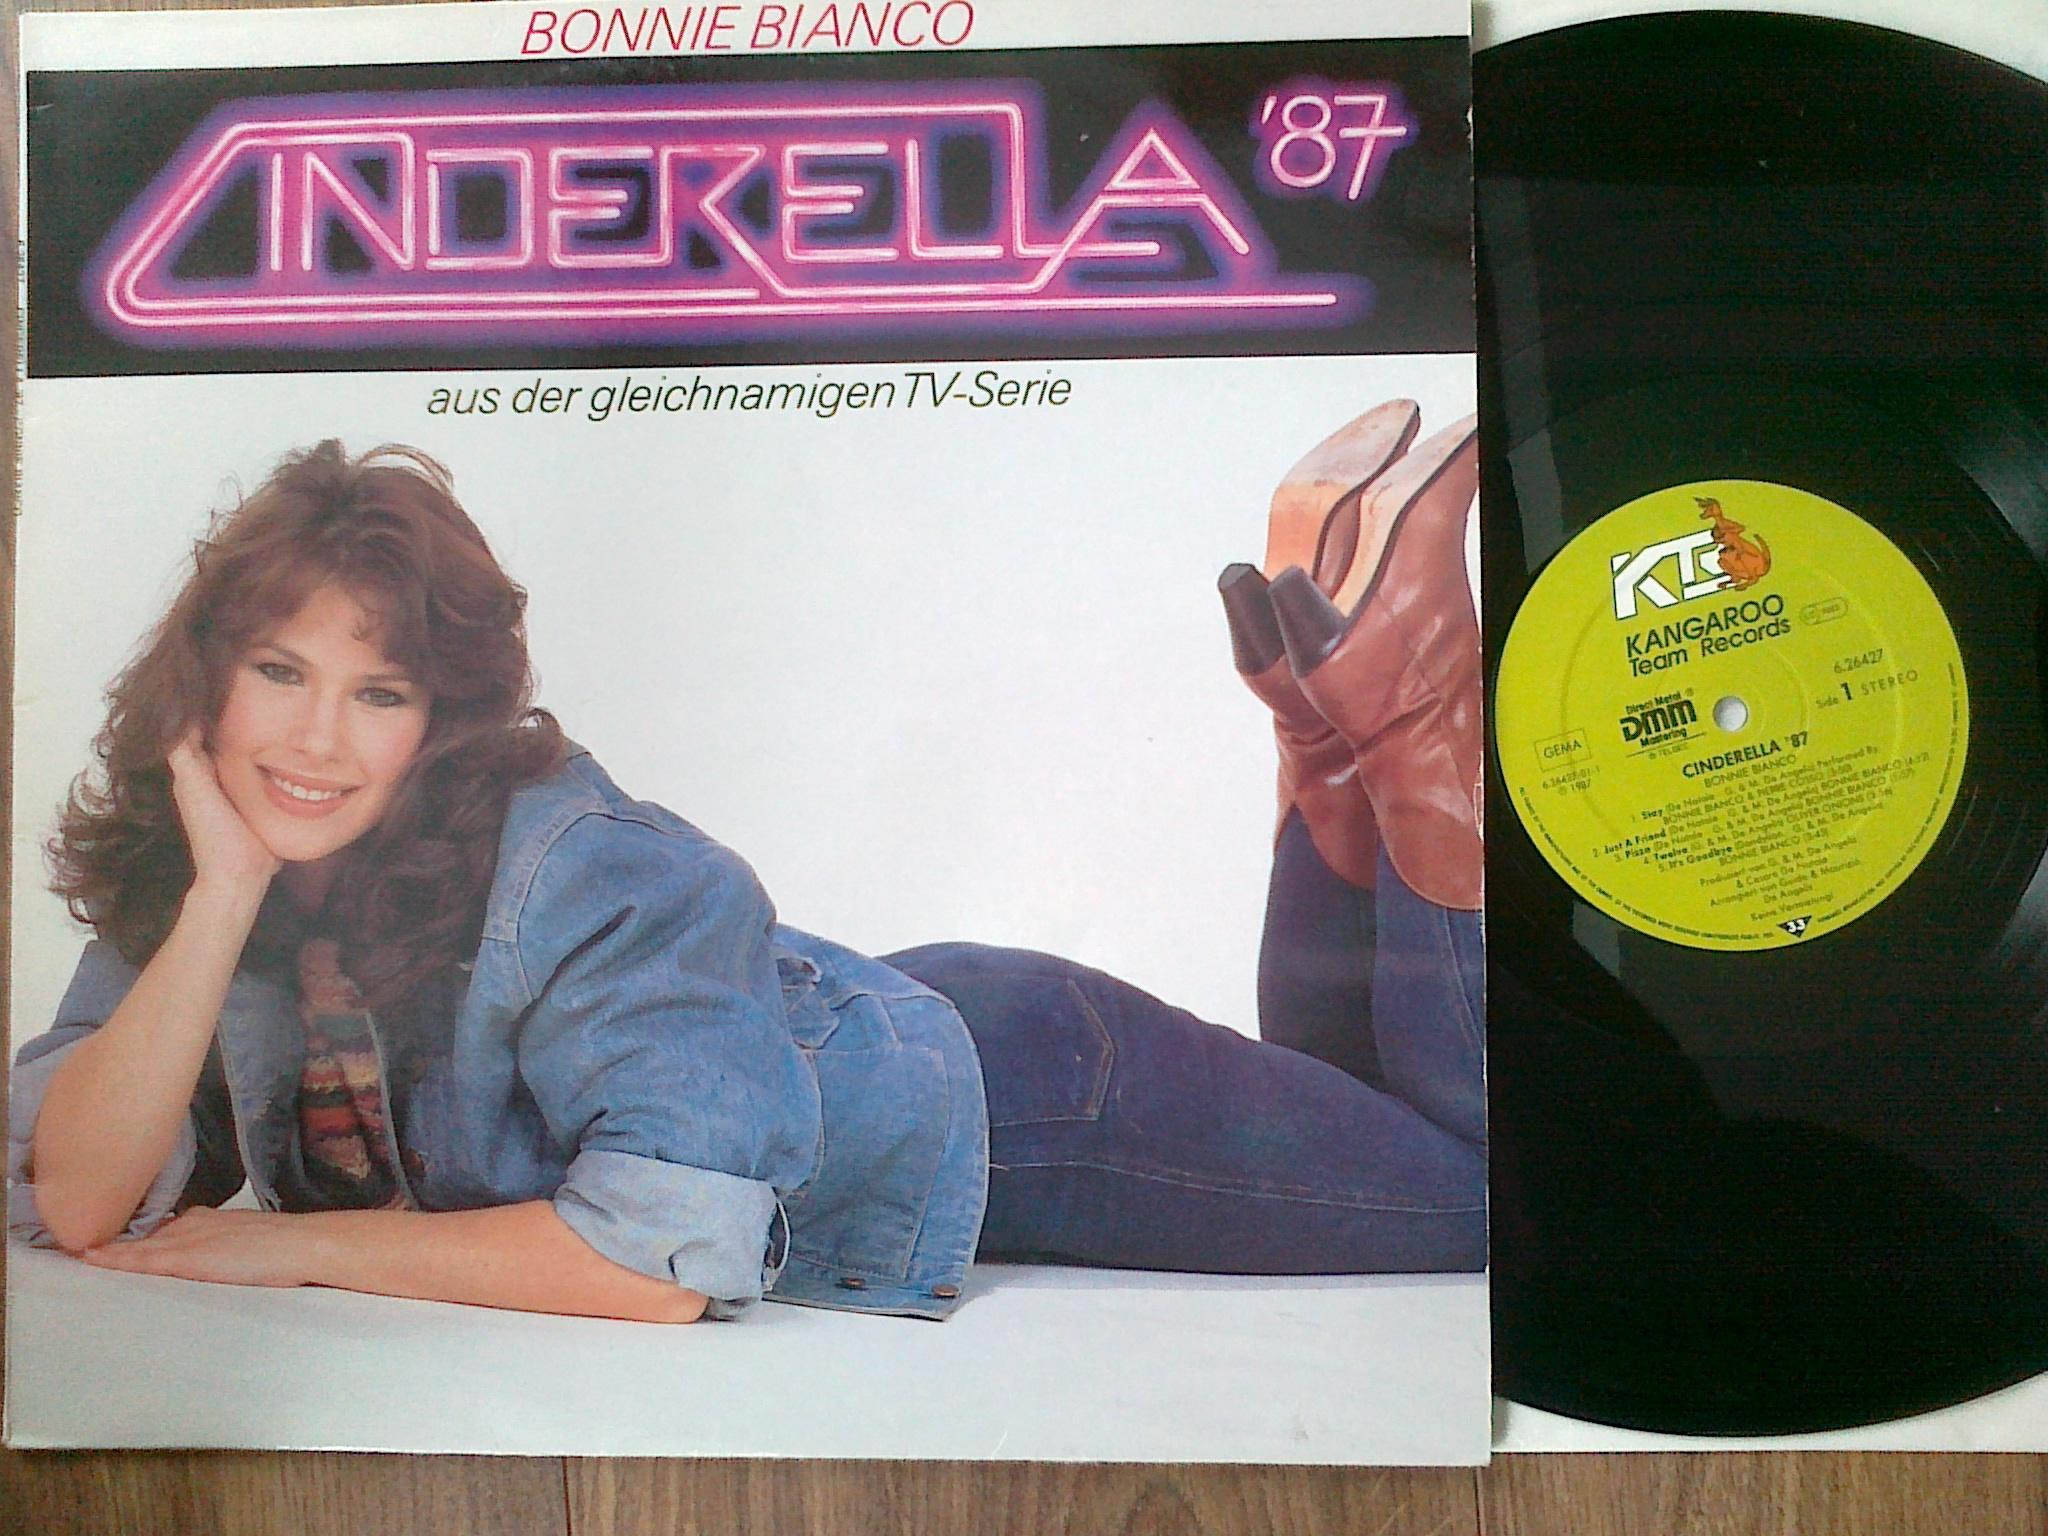 Bonnie Bianco - Cinderella 87